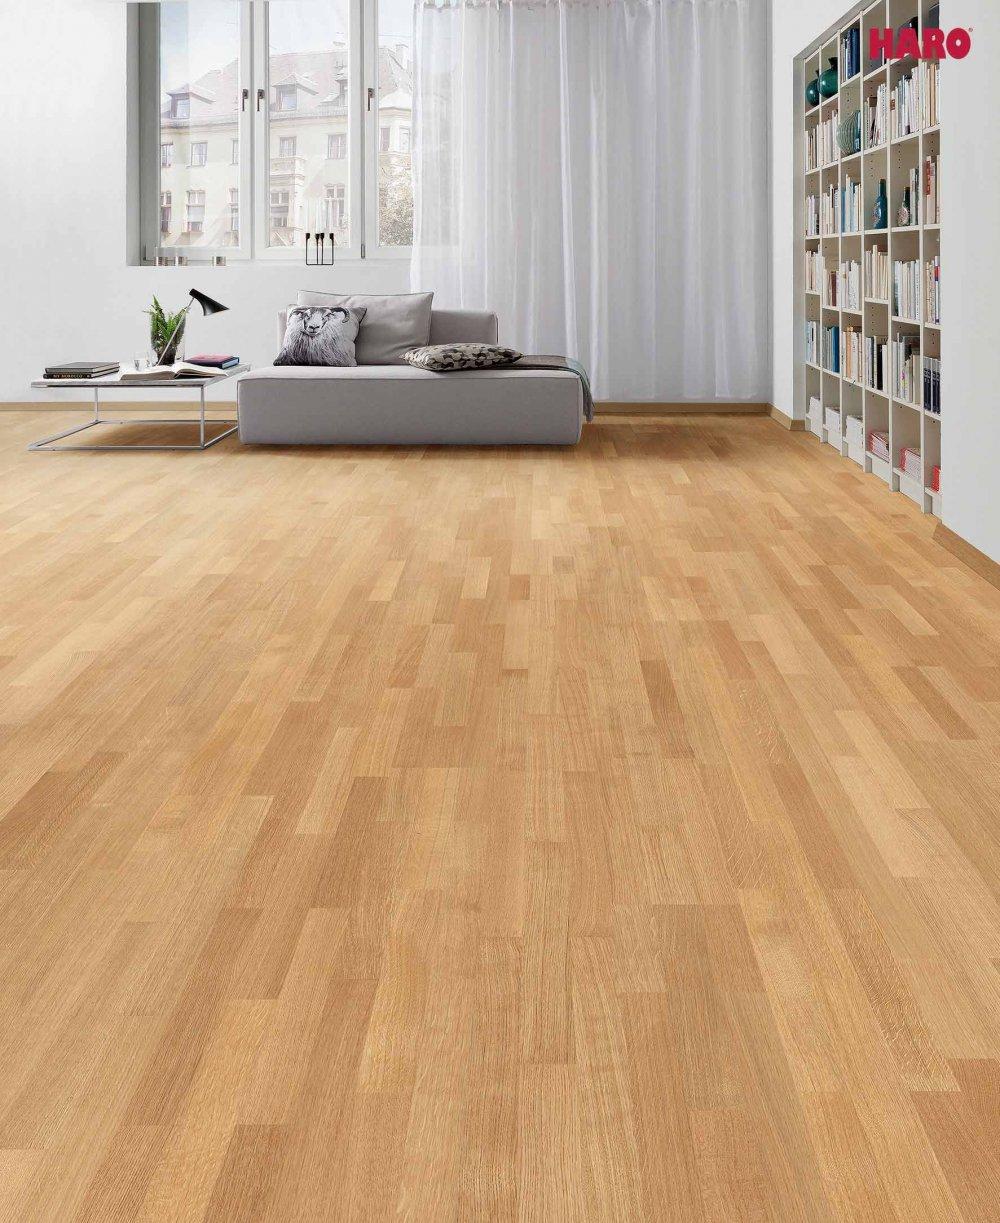 524689 haro parkett 3 stab schiffsboden 4000 eiche exquisit permadur versiegelt lackiert. Black Bedroom Furniture Sets. Home Design Ideas